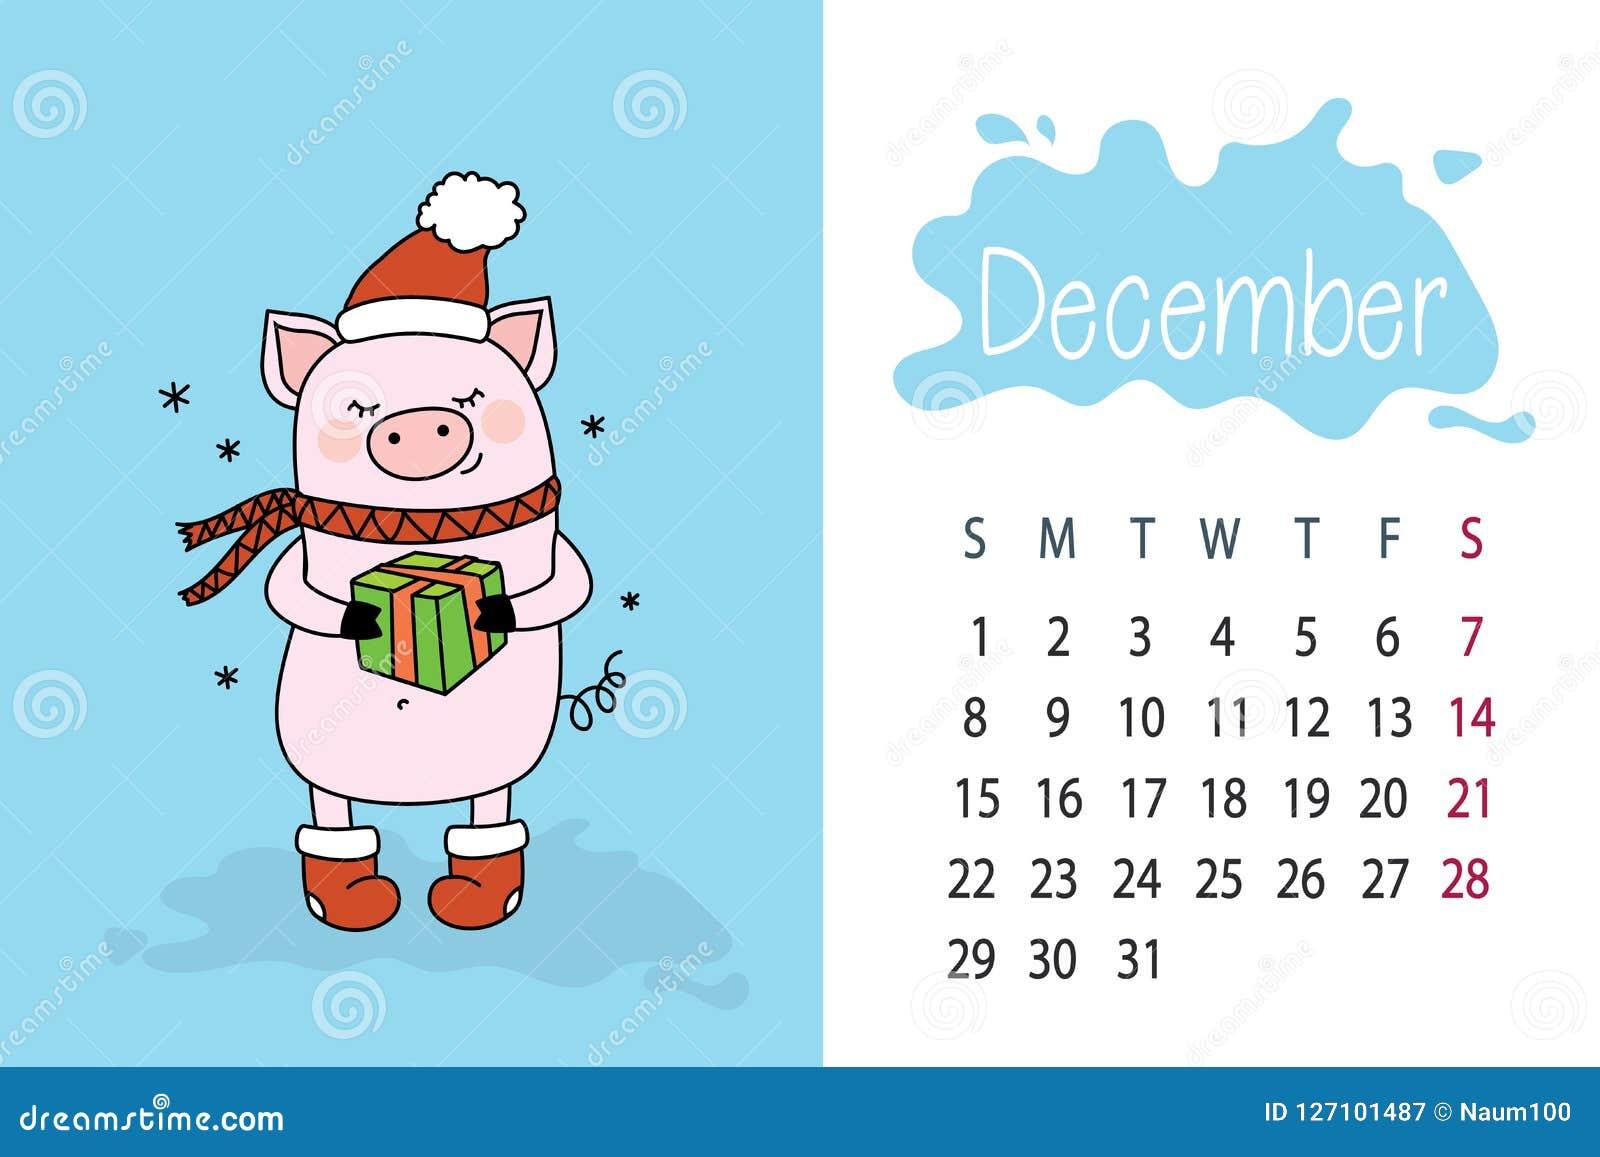 Calendario Dezembro 2019 Bonito.Mes De Dezembro Pagina Do Calendario De 2019 Anos Com O